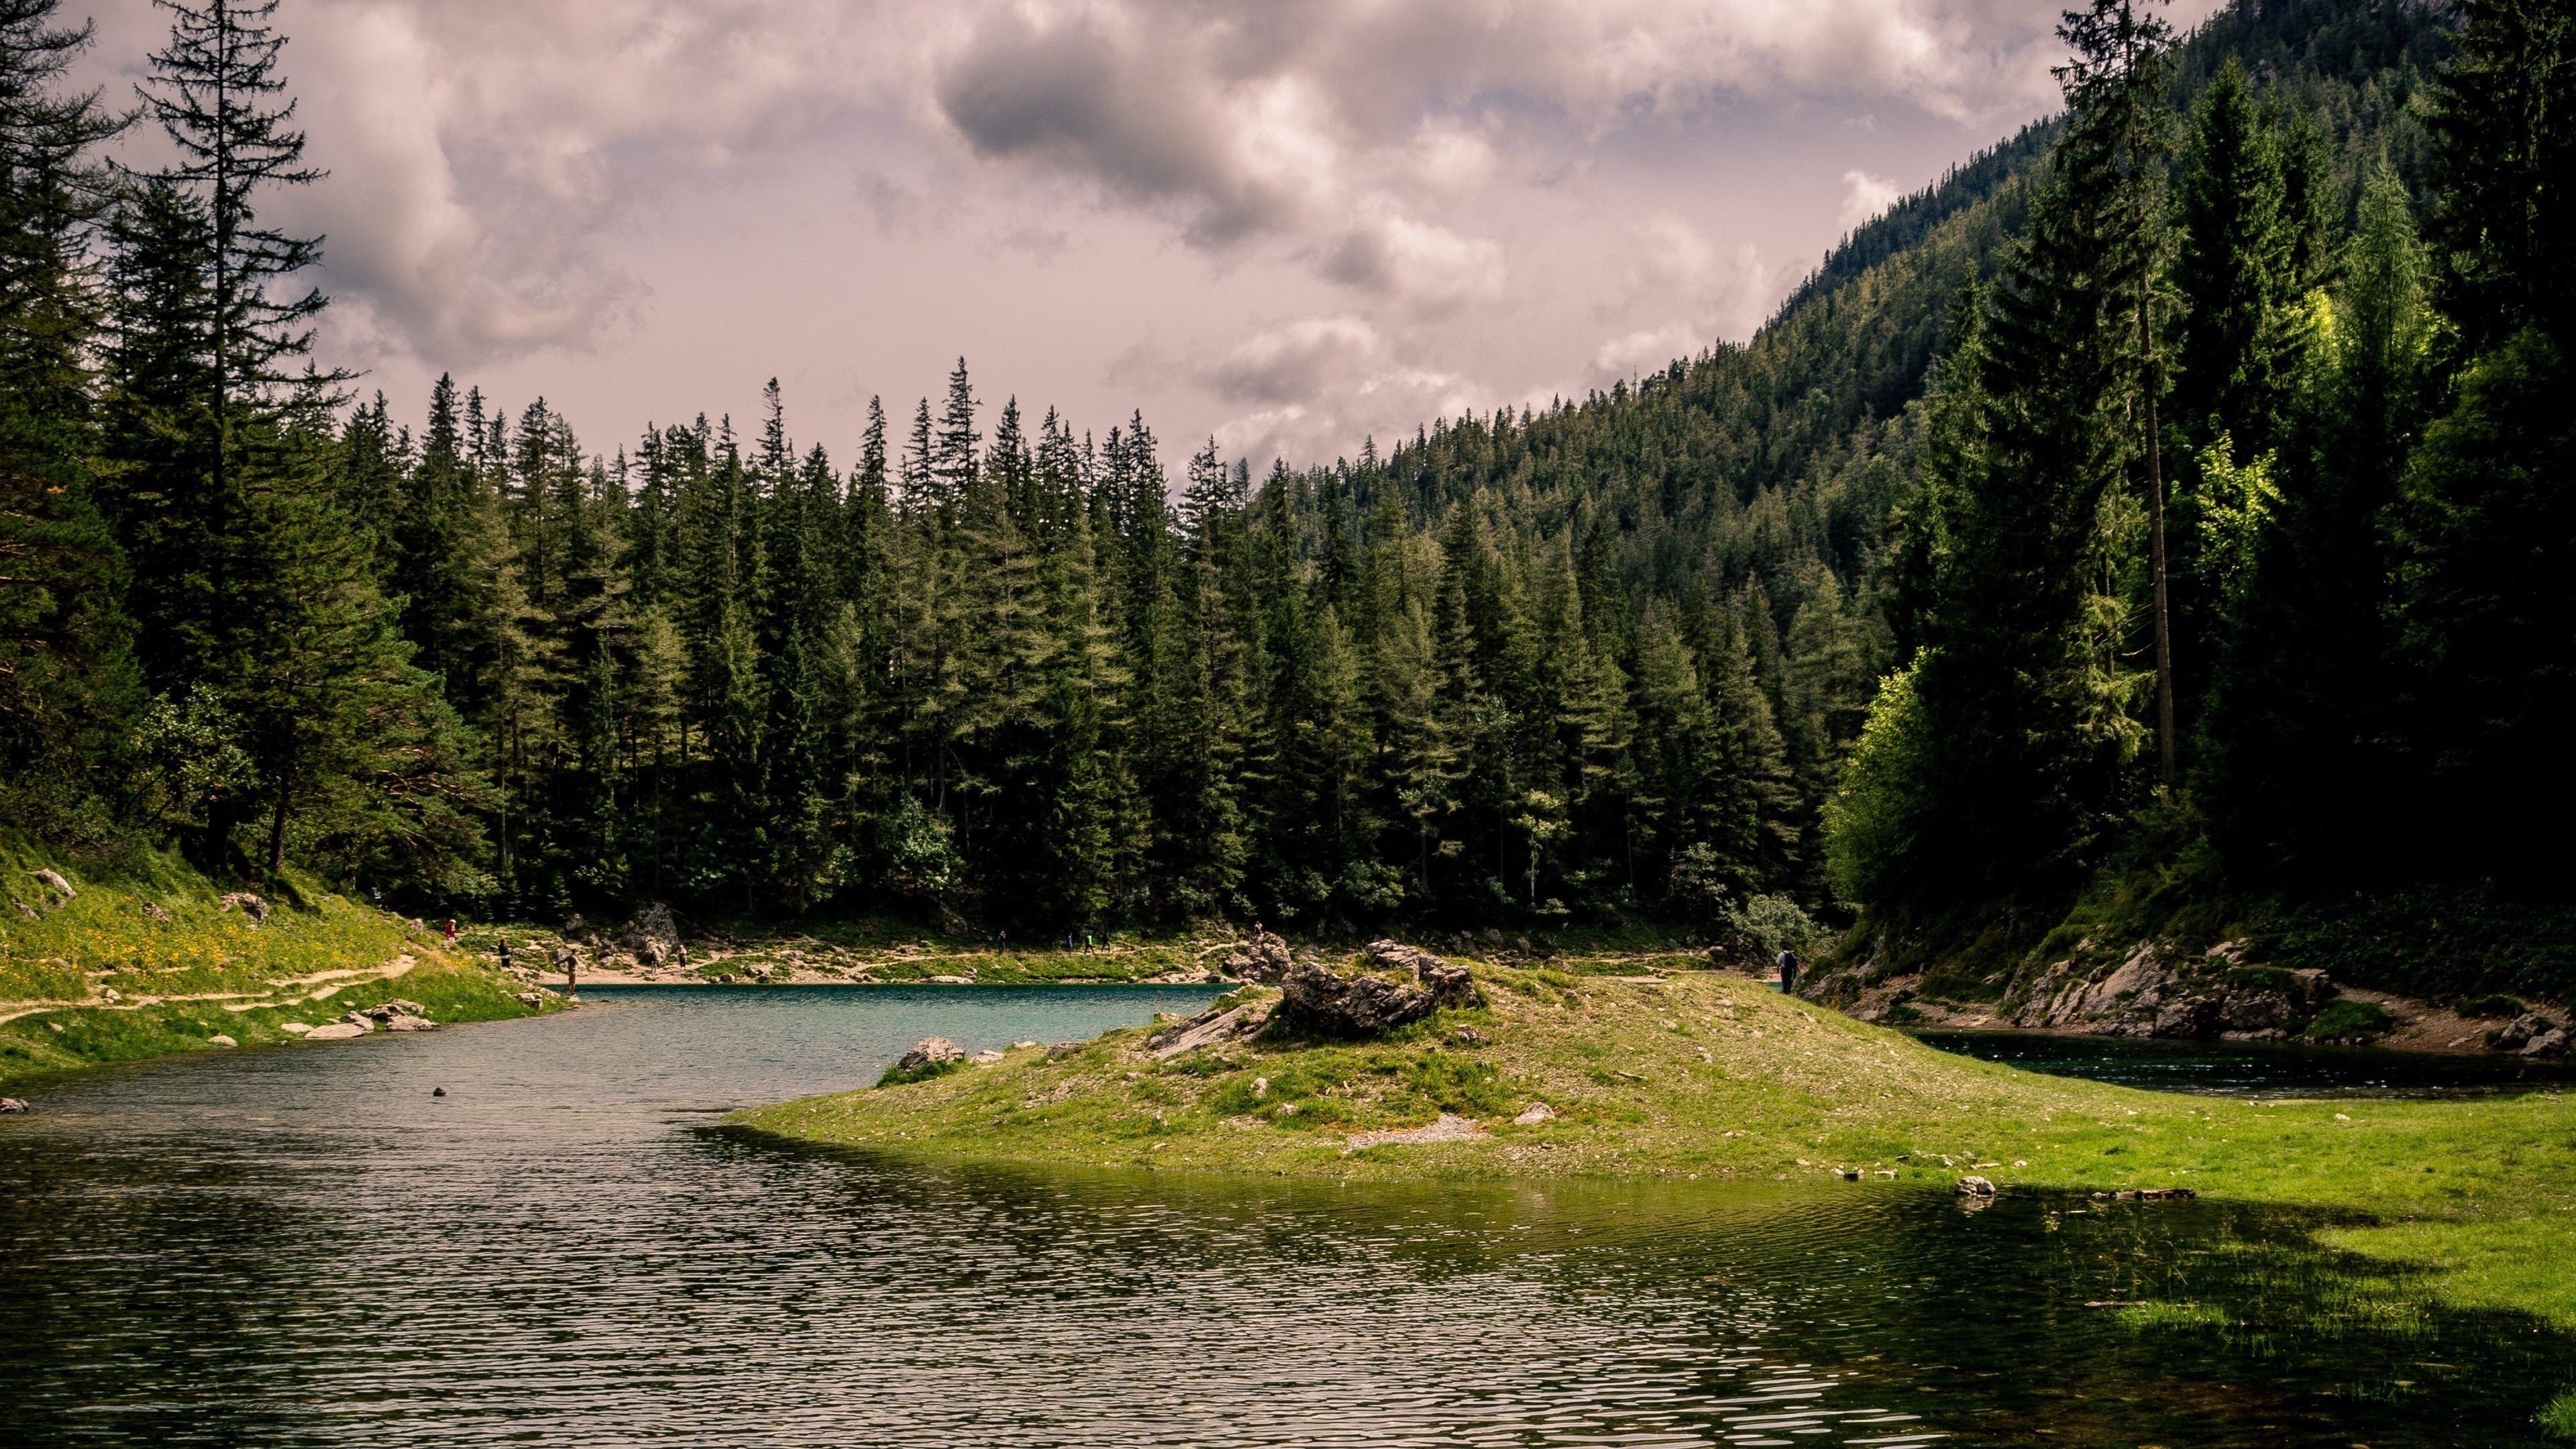 Зеленые деревья покрытые между озером под облаками в дневное время природа обои скачать